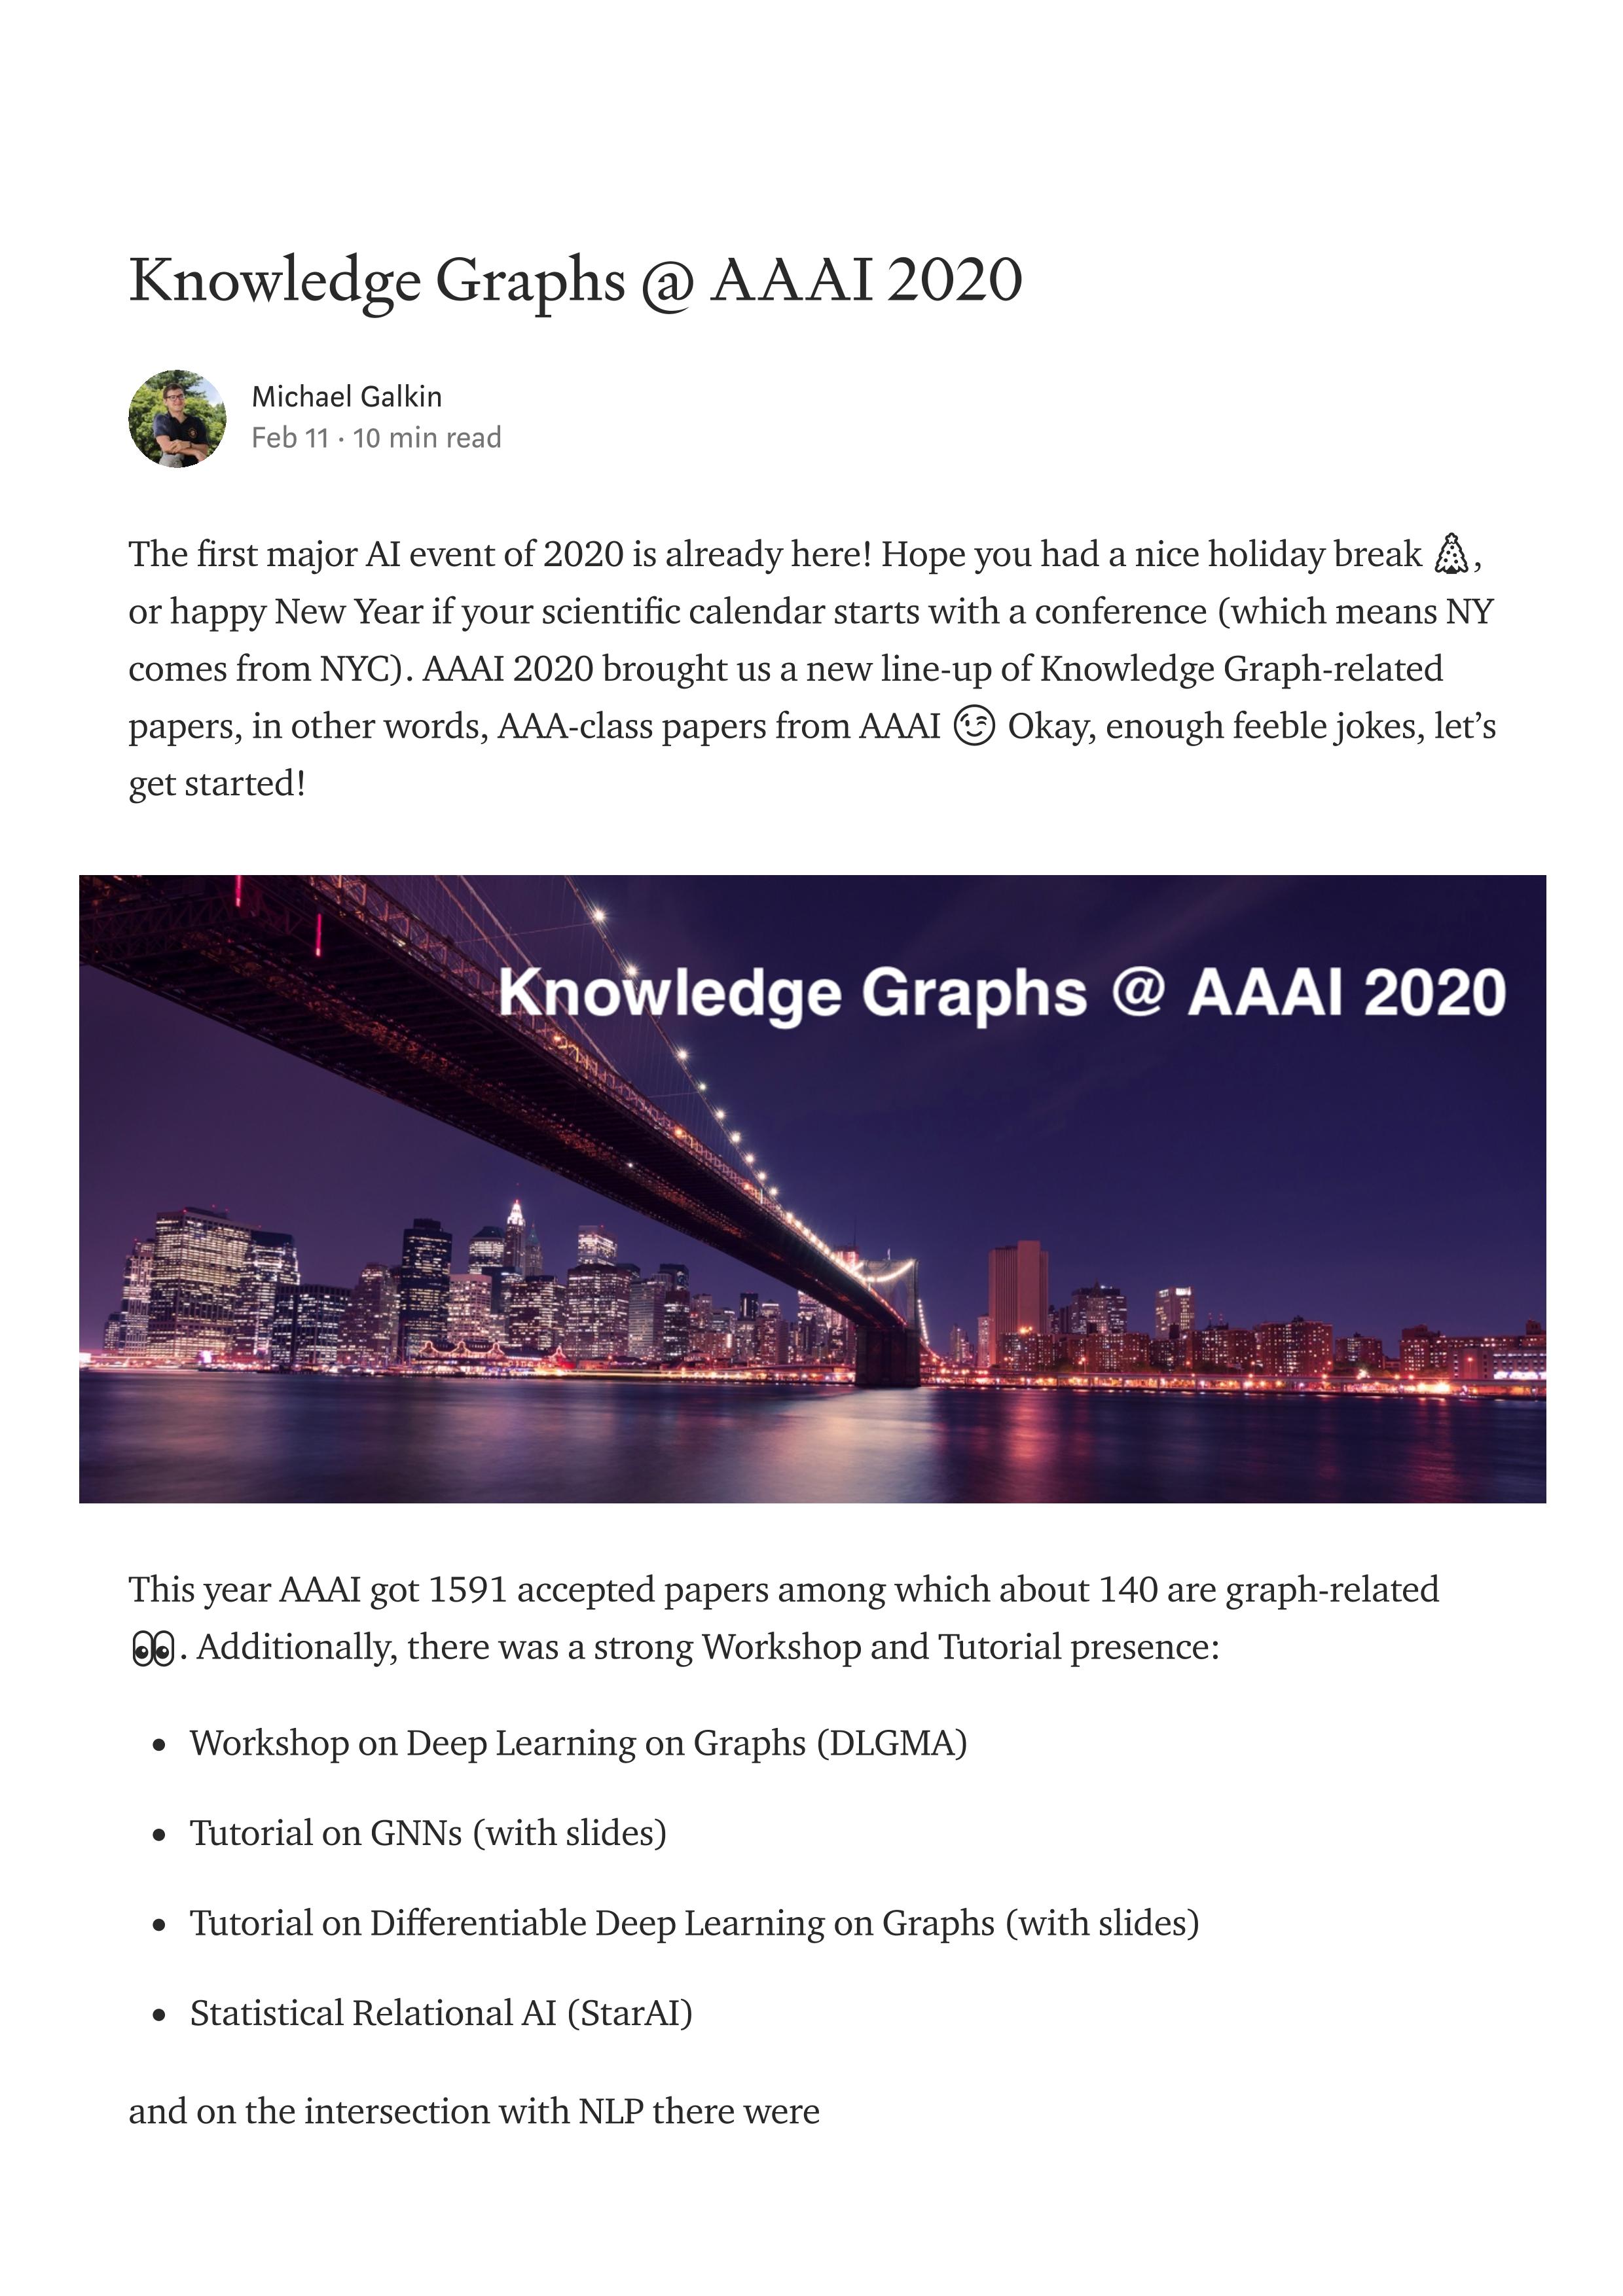 【AAAI2020知识图谱论文概述】Knowledge Graphs @ AAAI 2020